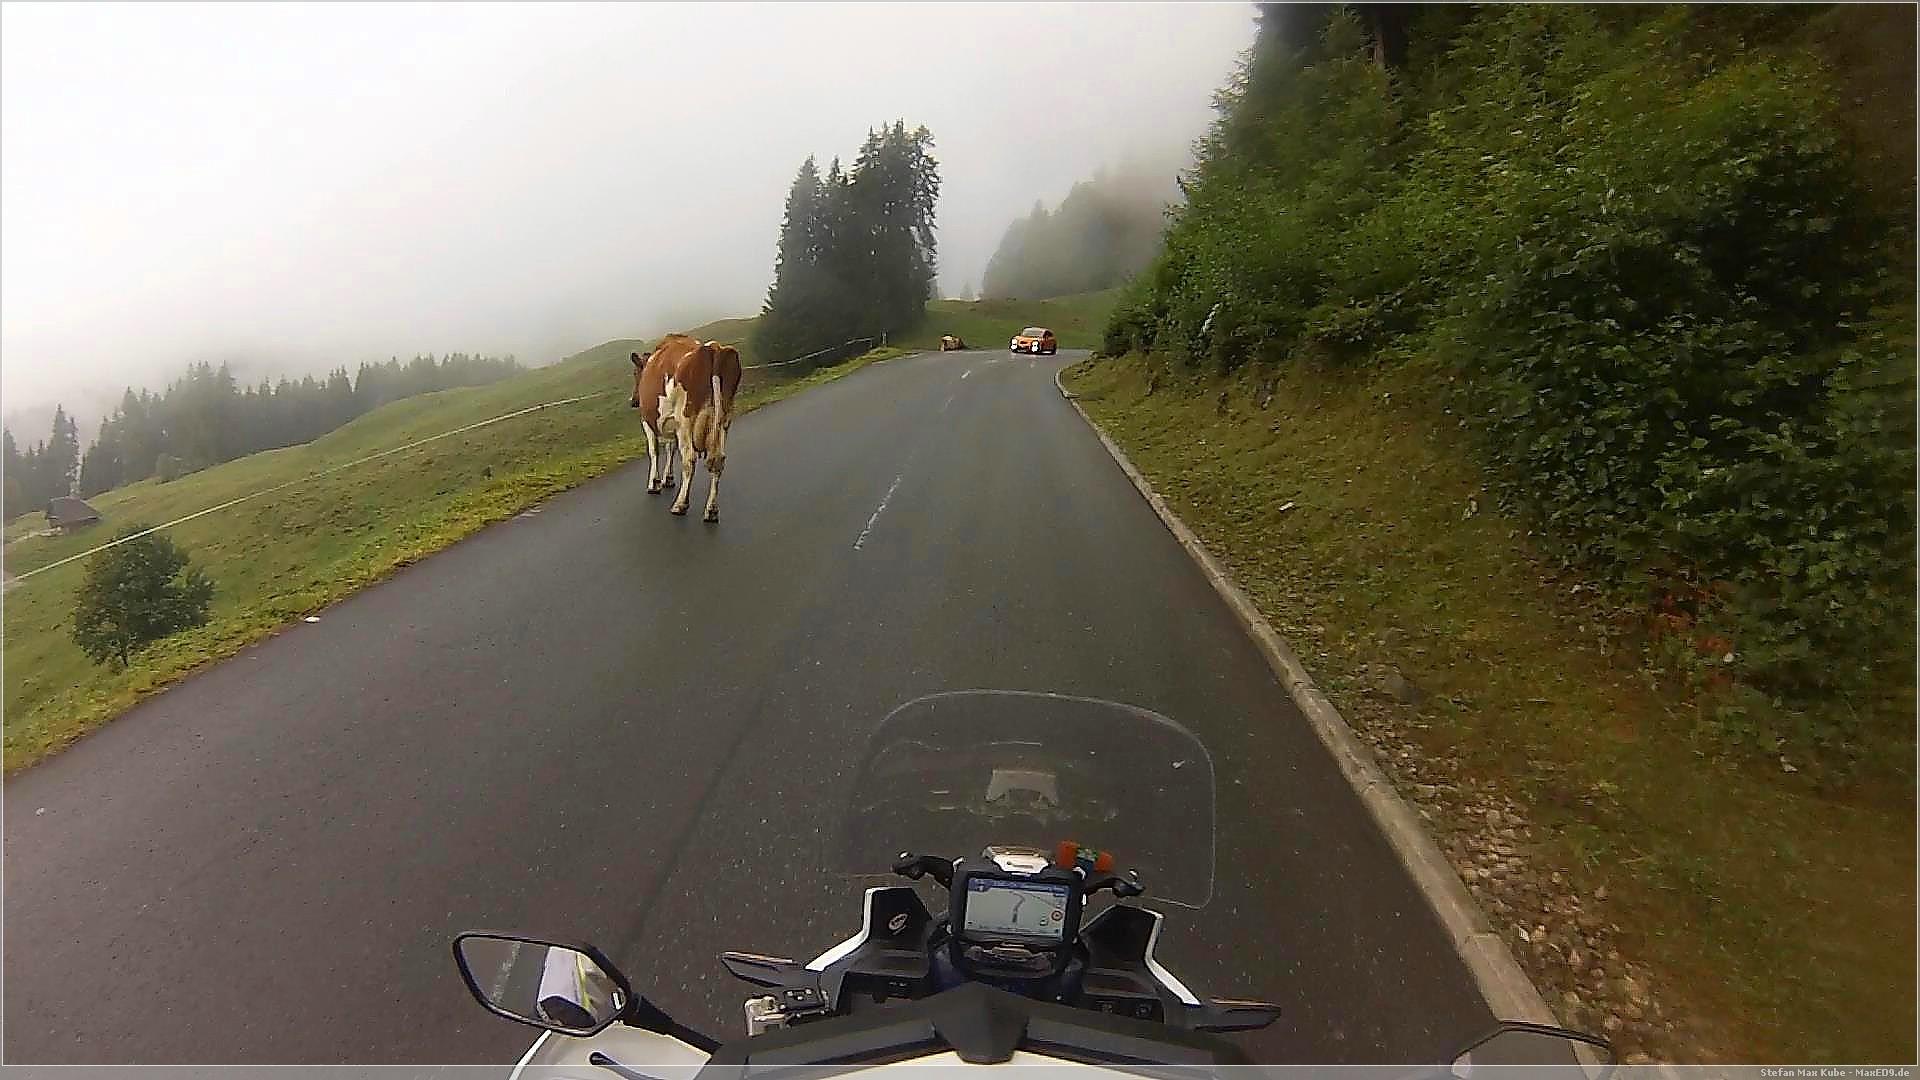 da steht ne Kuh